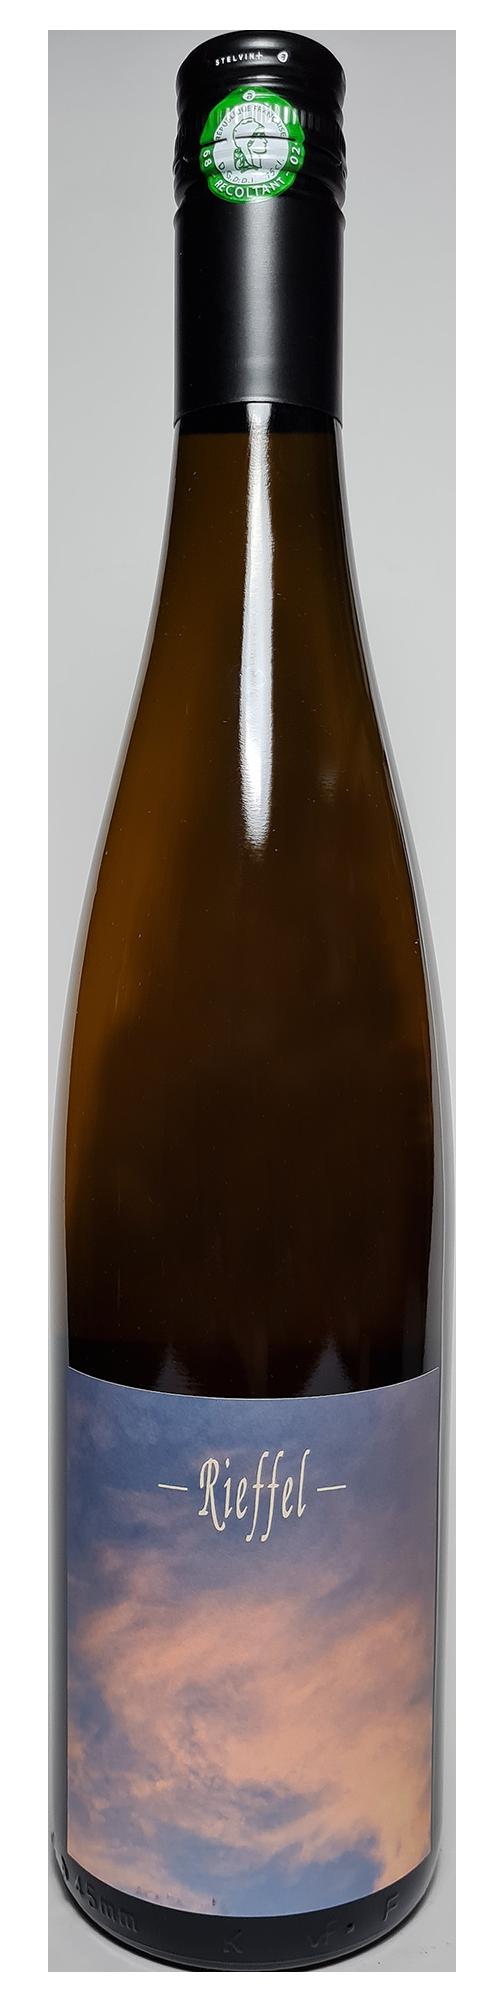 Bouteille de vin blanc naturel de macération, Lâcher Prise 2018 Domaine Rieffel